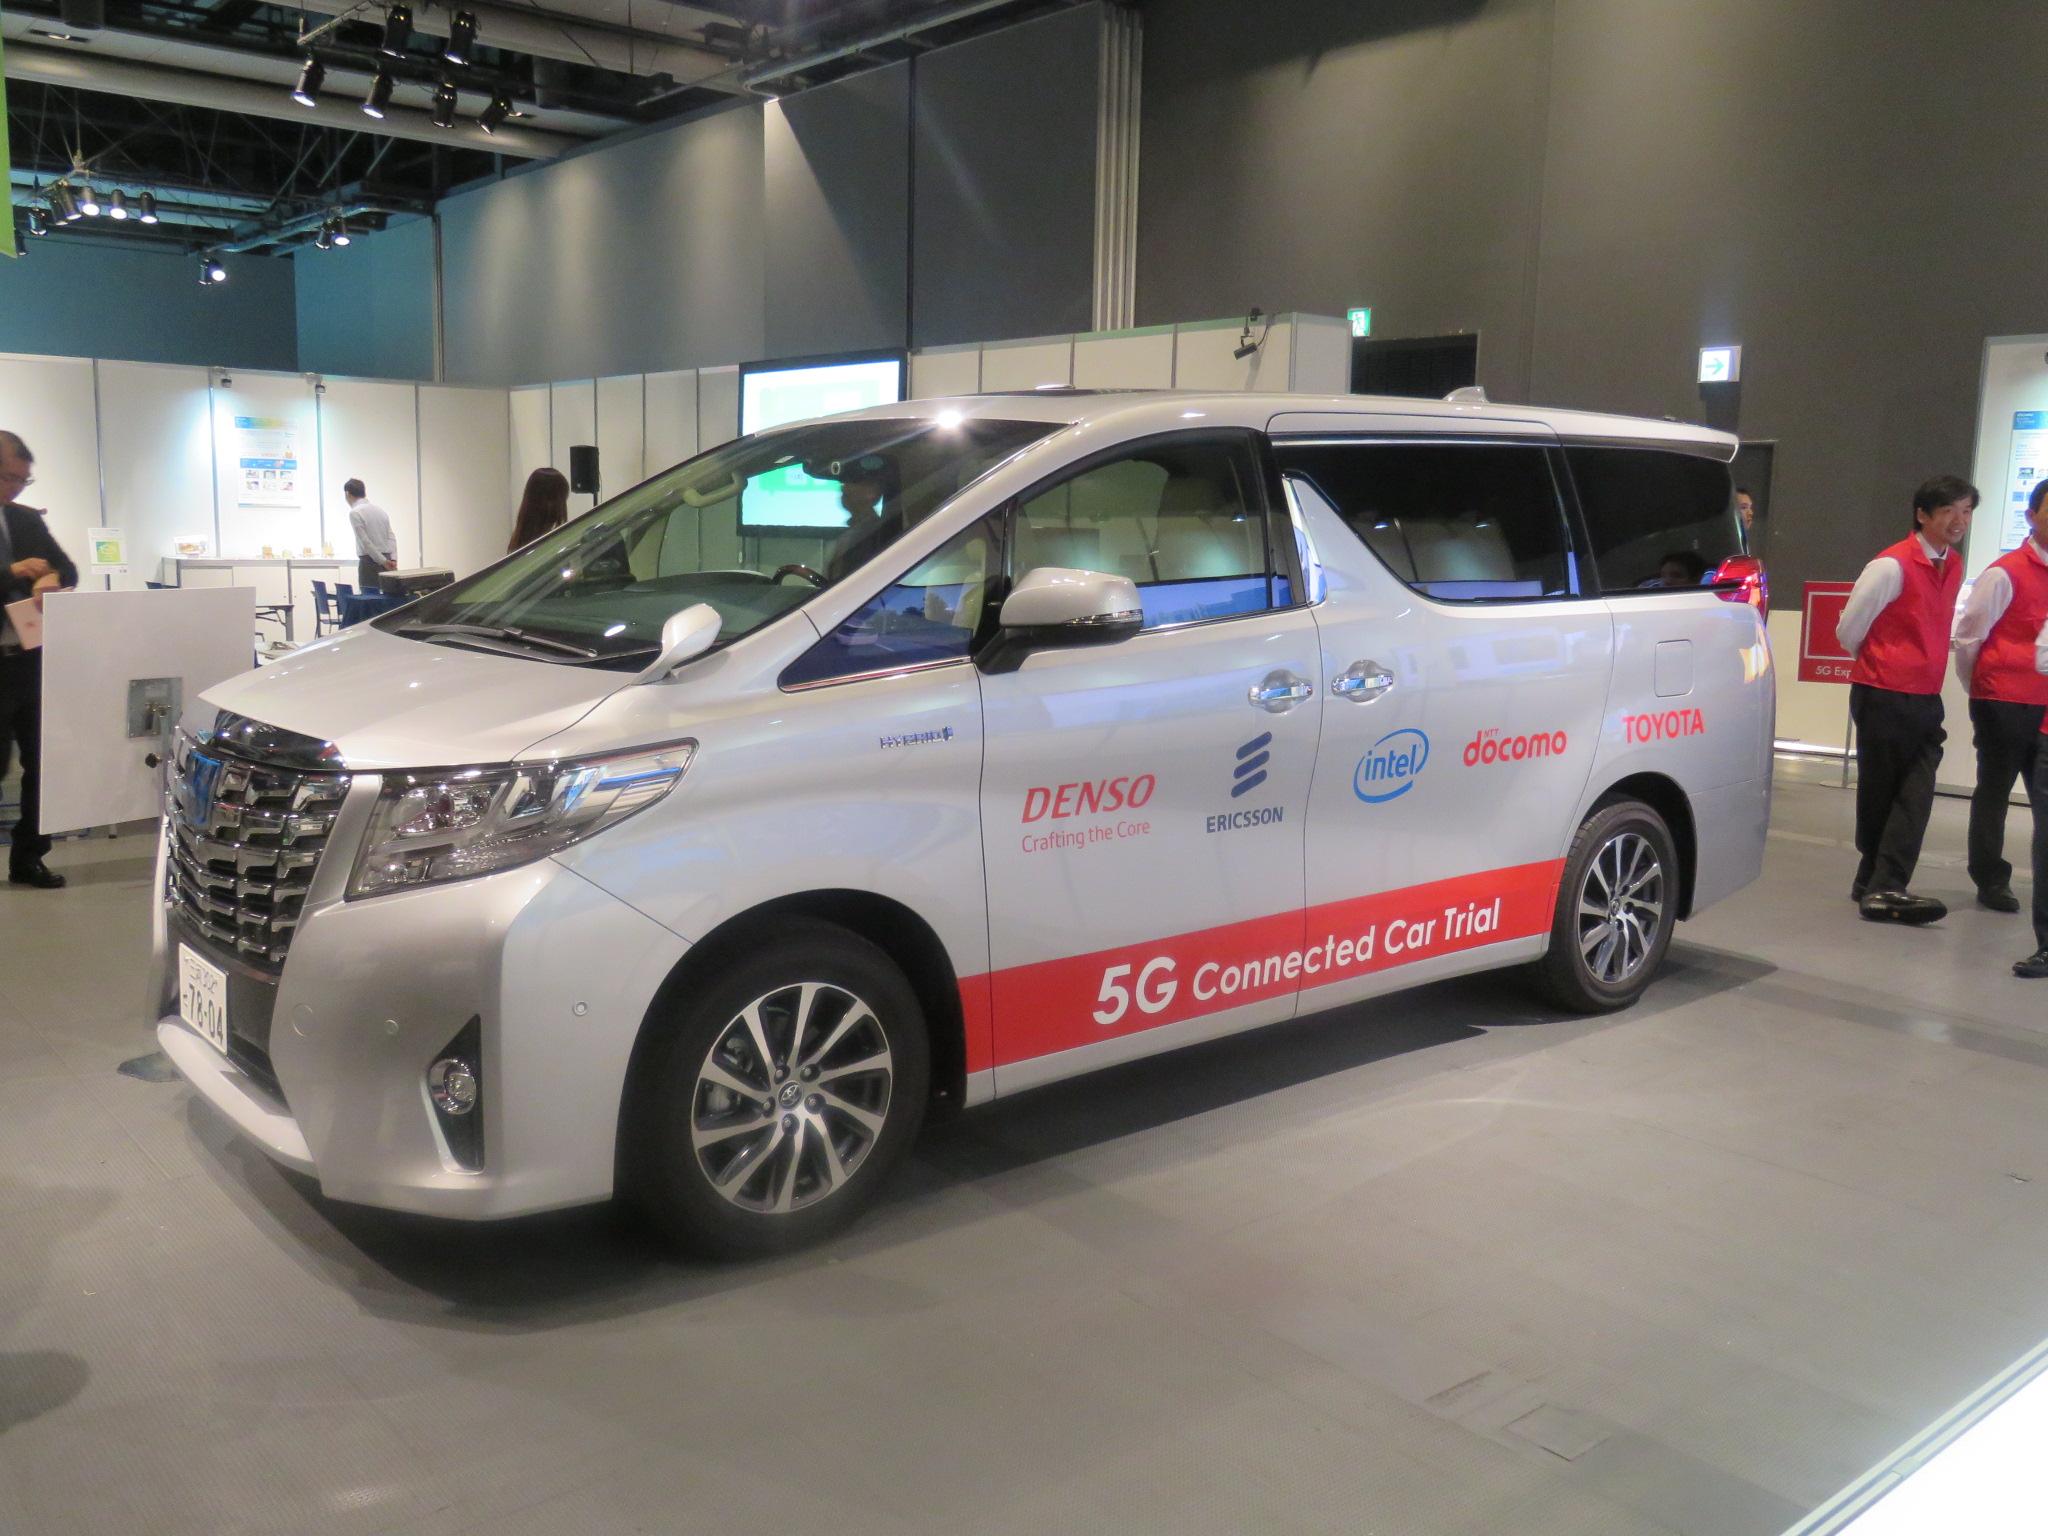 展示されていたコネクティッドカーはトヨタのアルファード